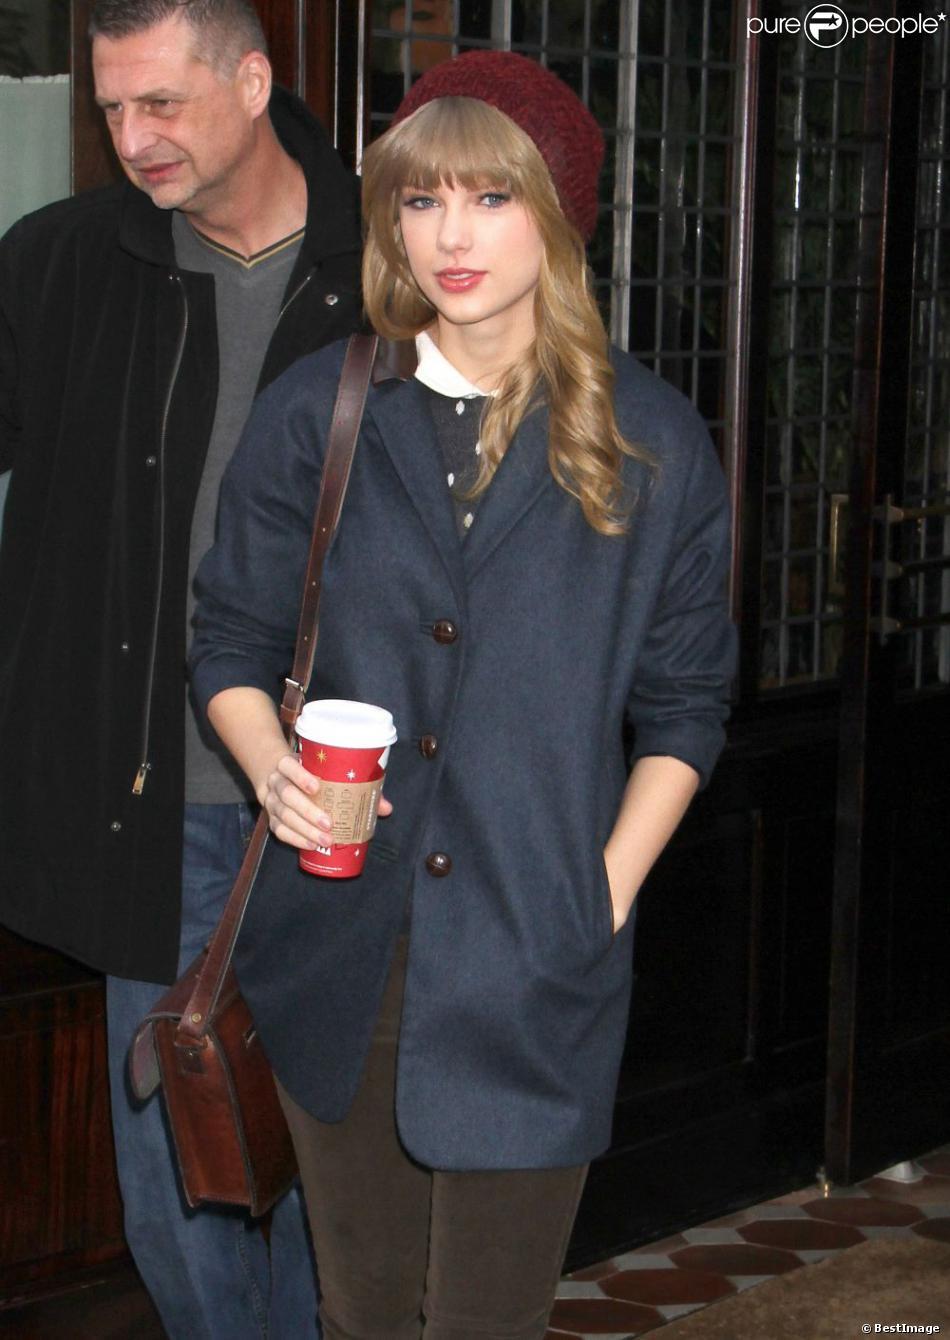 Harry Styles et Taylor Swift sortent de l'hôtel de la jeune chanteuse à New York le 4 décembre 2012.